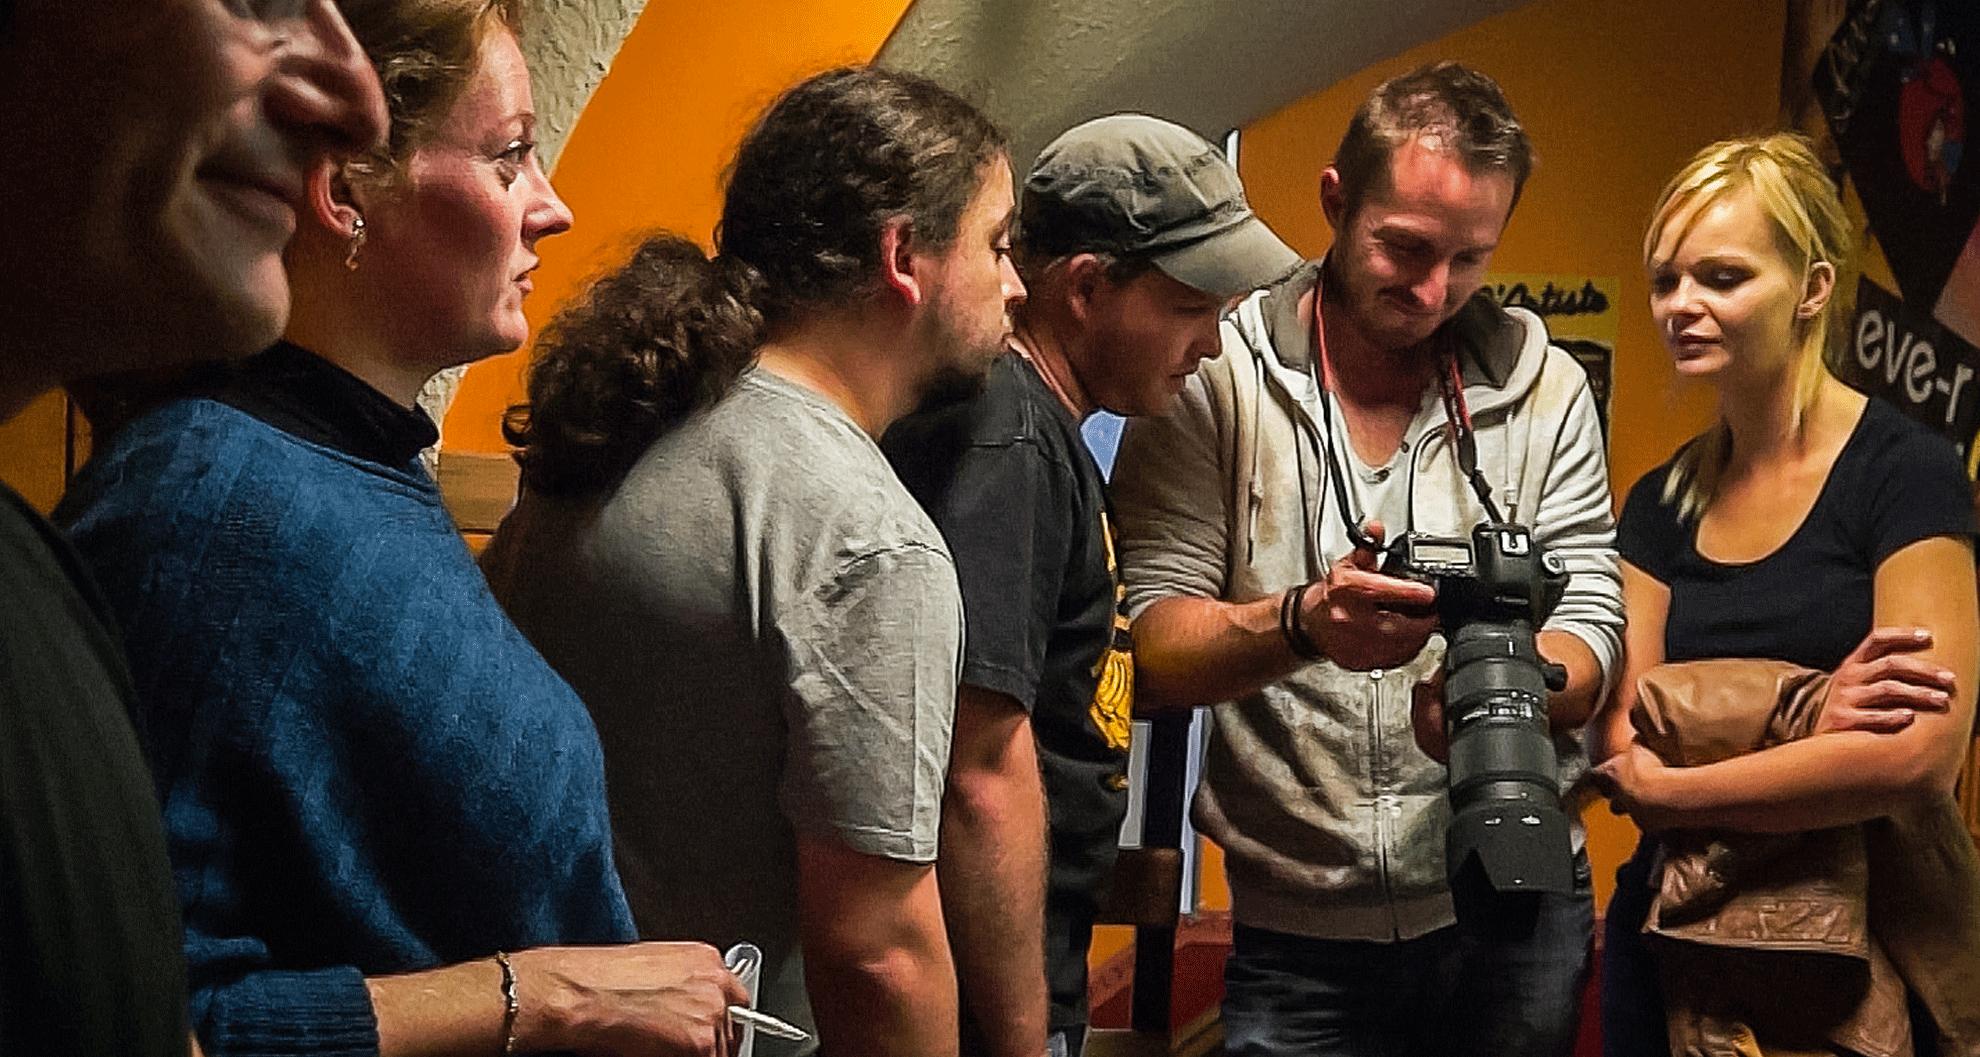 Arnaud husson entouré de Aurore Sellier et de ses scénaristes Guillaume Hantz et Nicolas Thouvenot dreamcatcher le pari audacieux